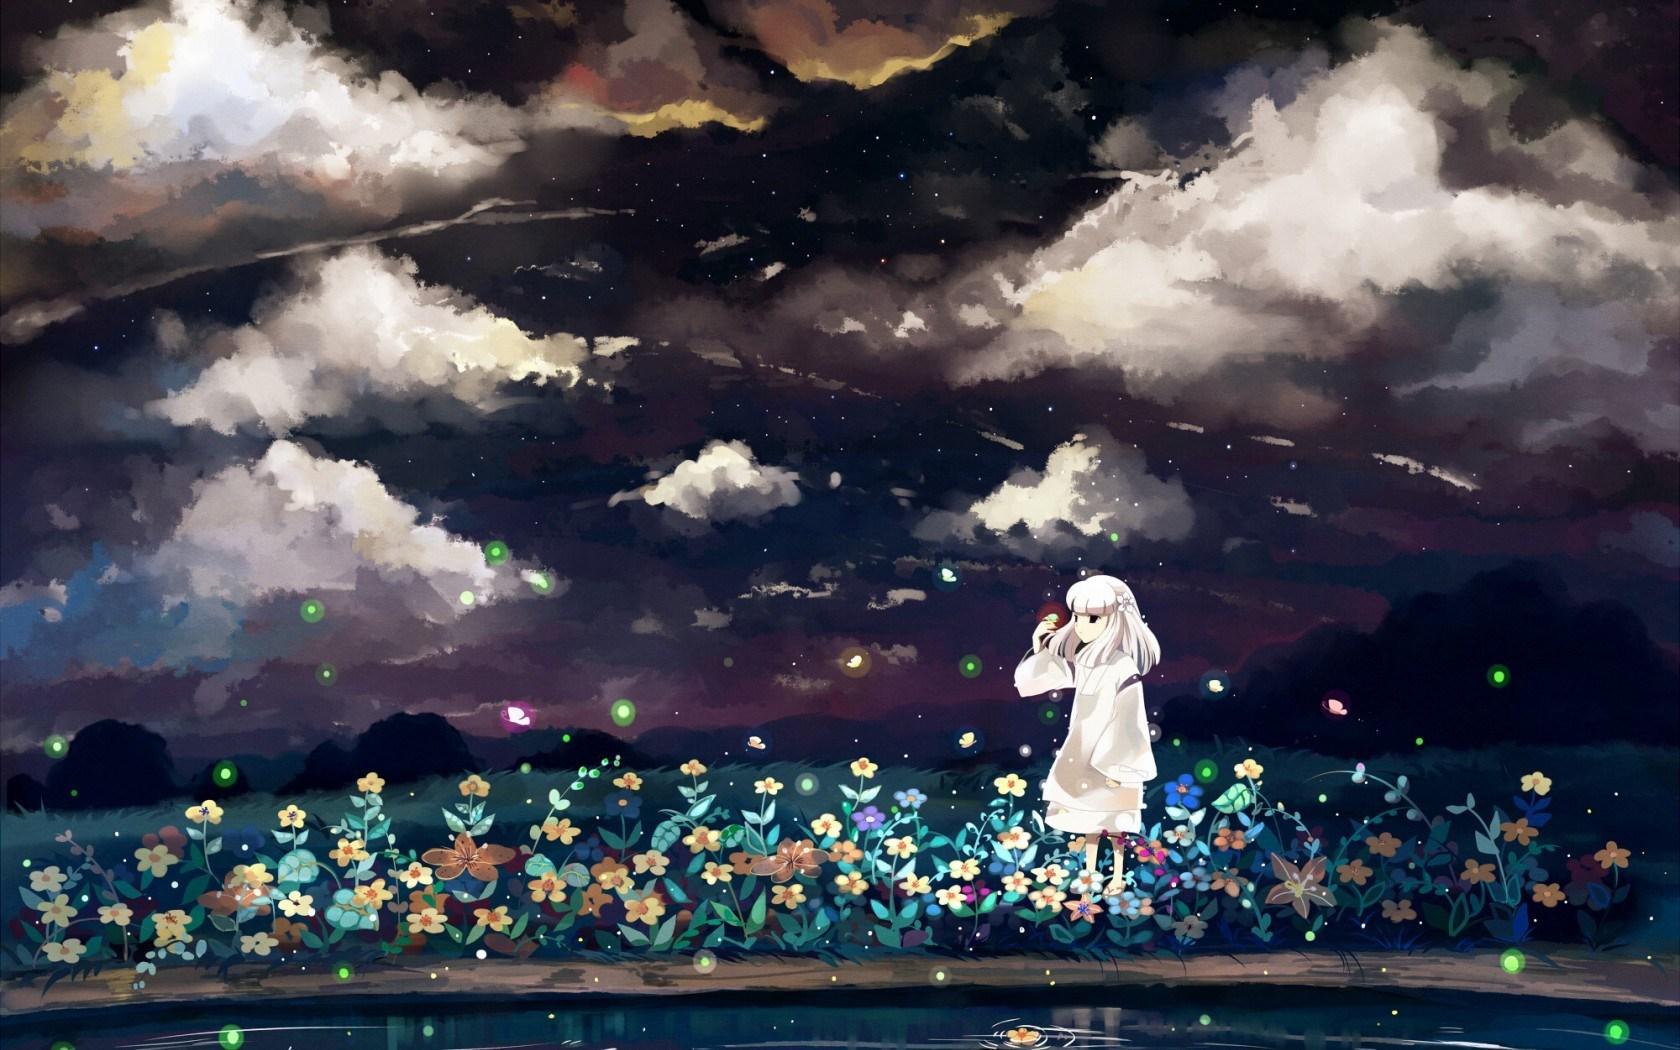 Anime Art Girl Night Flowers Sky